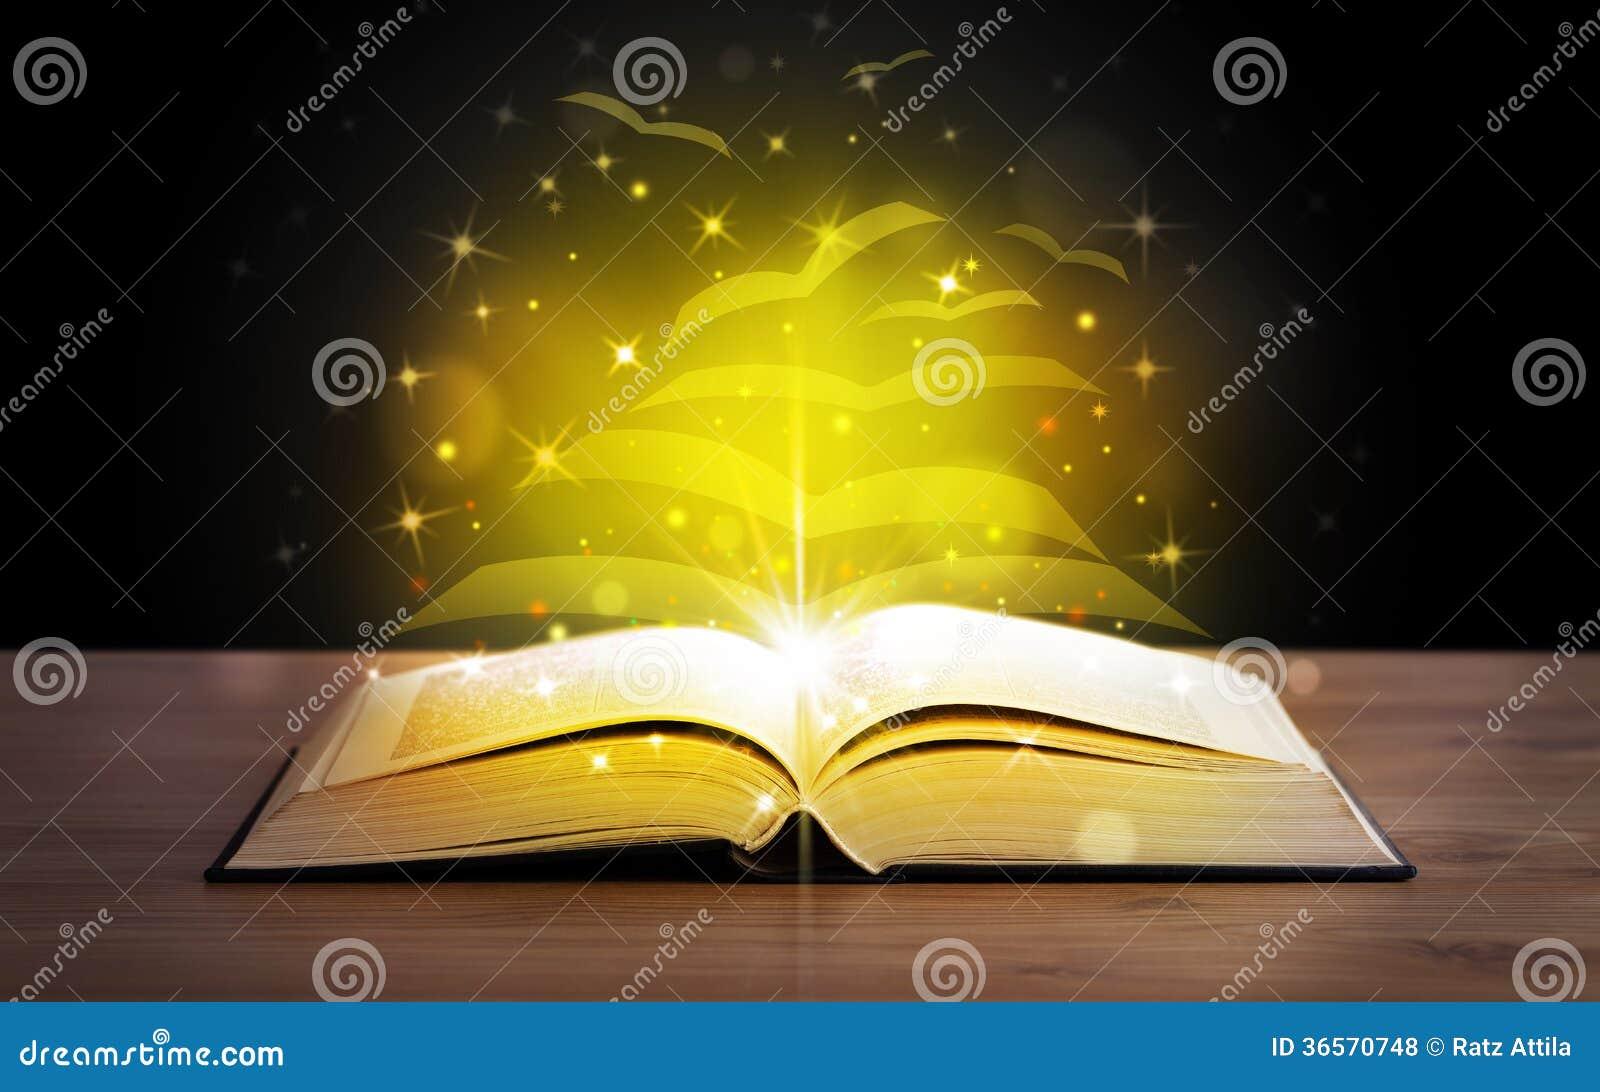 wallpaper golden book open - photo #2